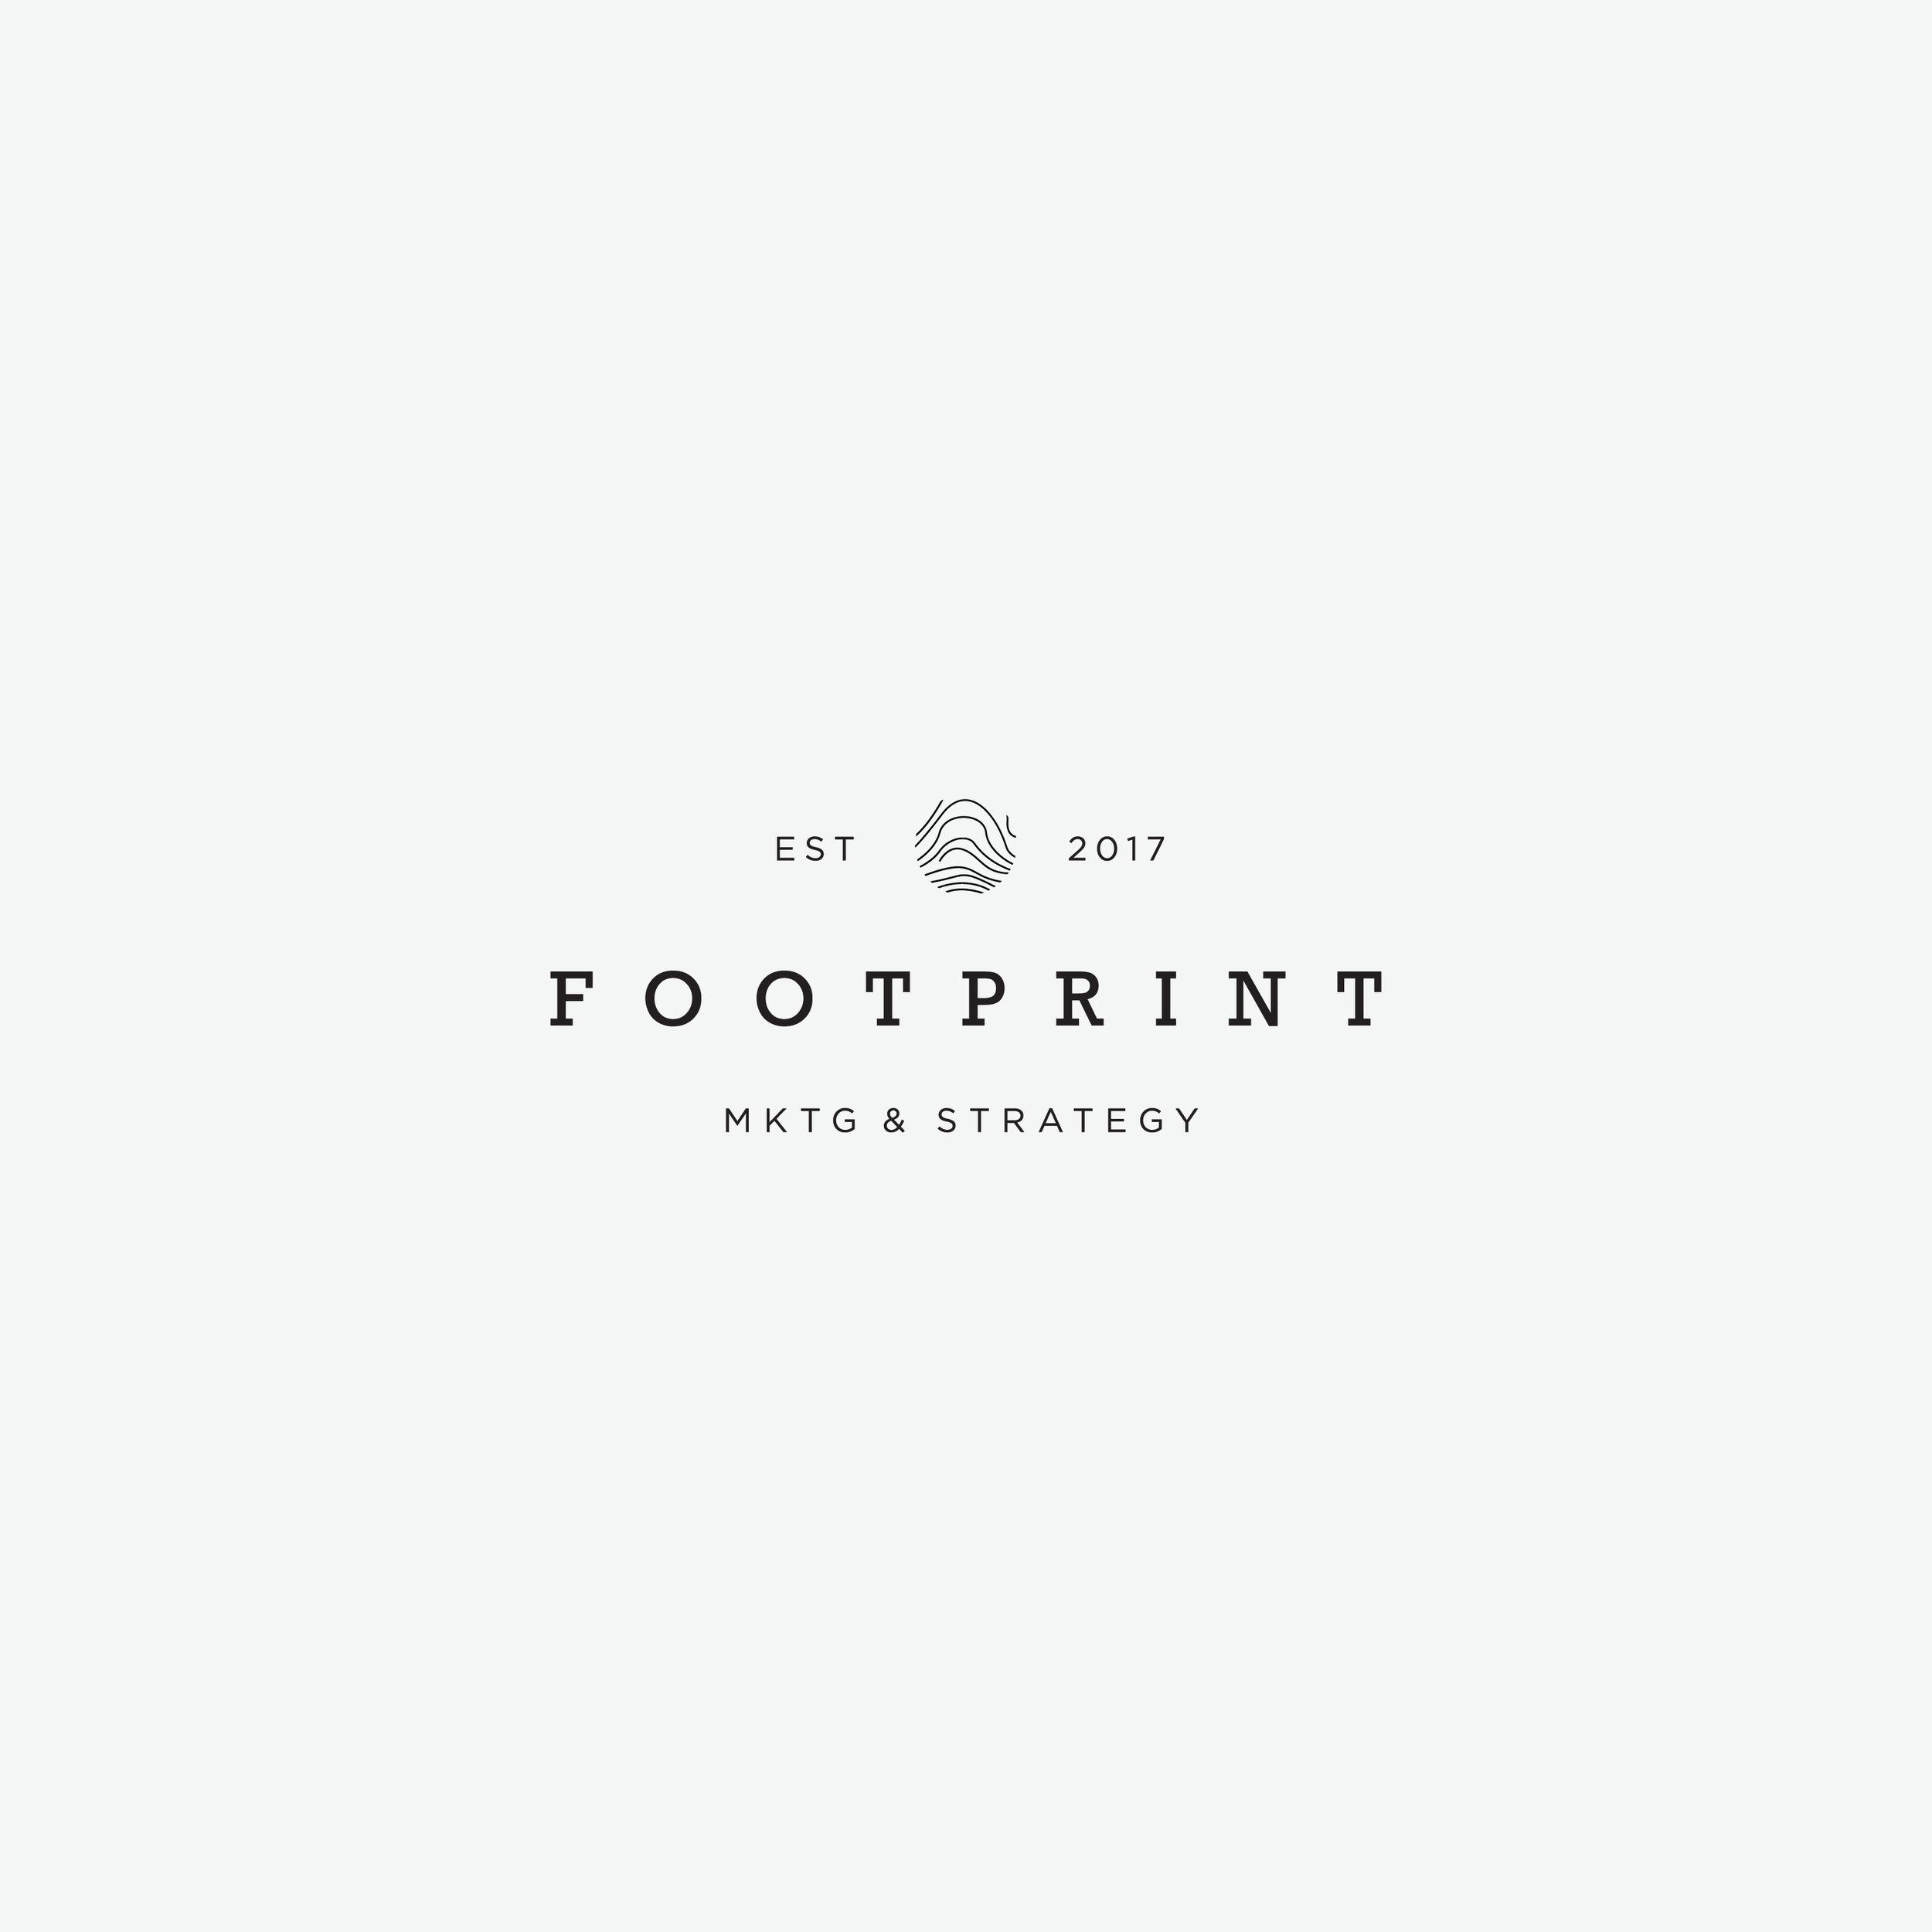 logo-template 3-10.jpg